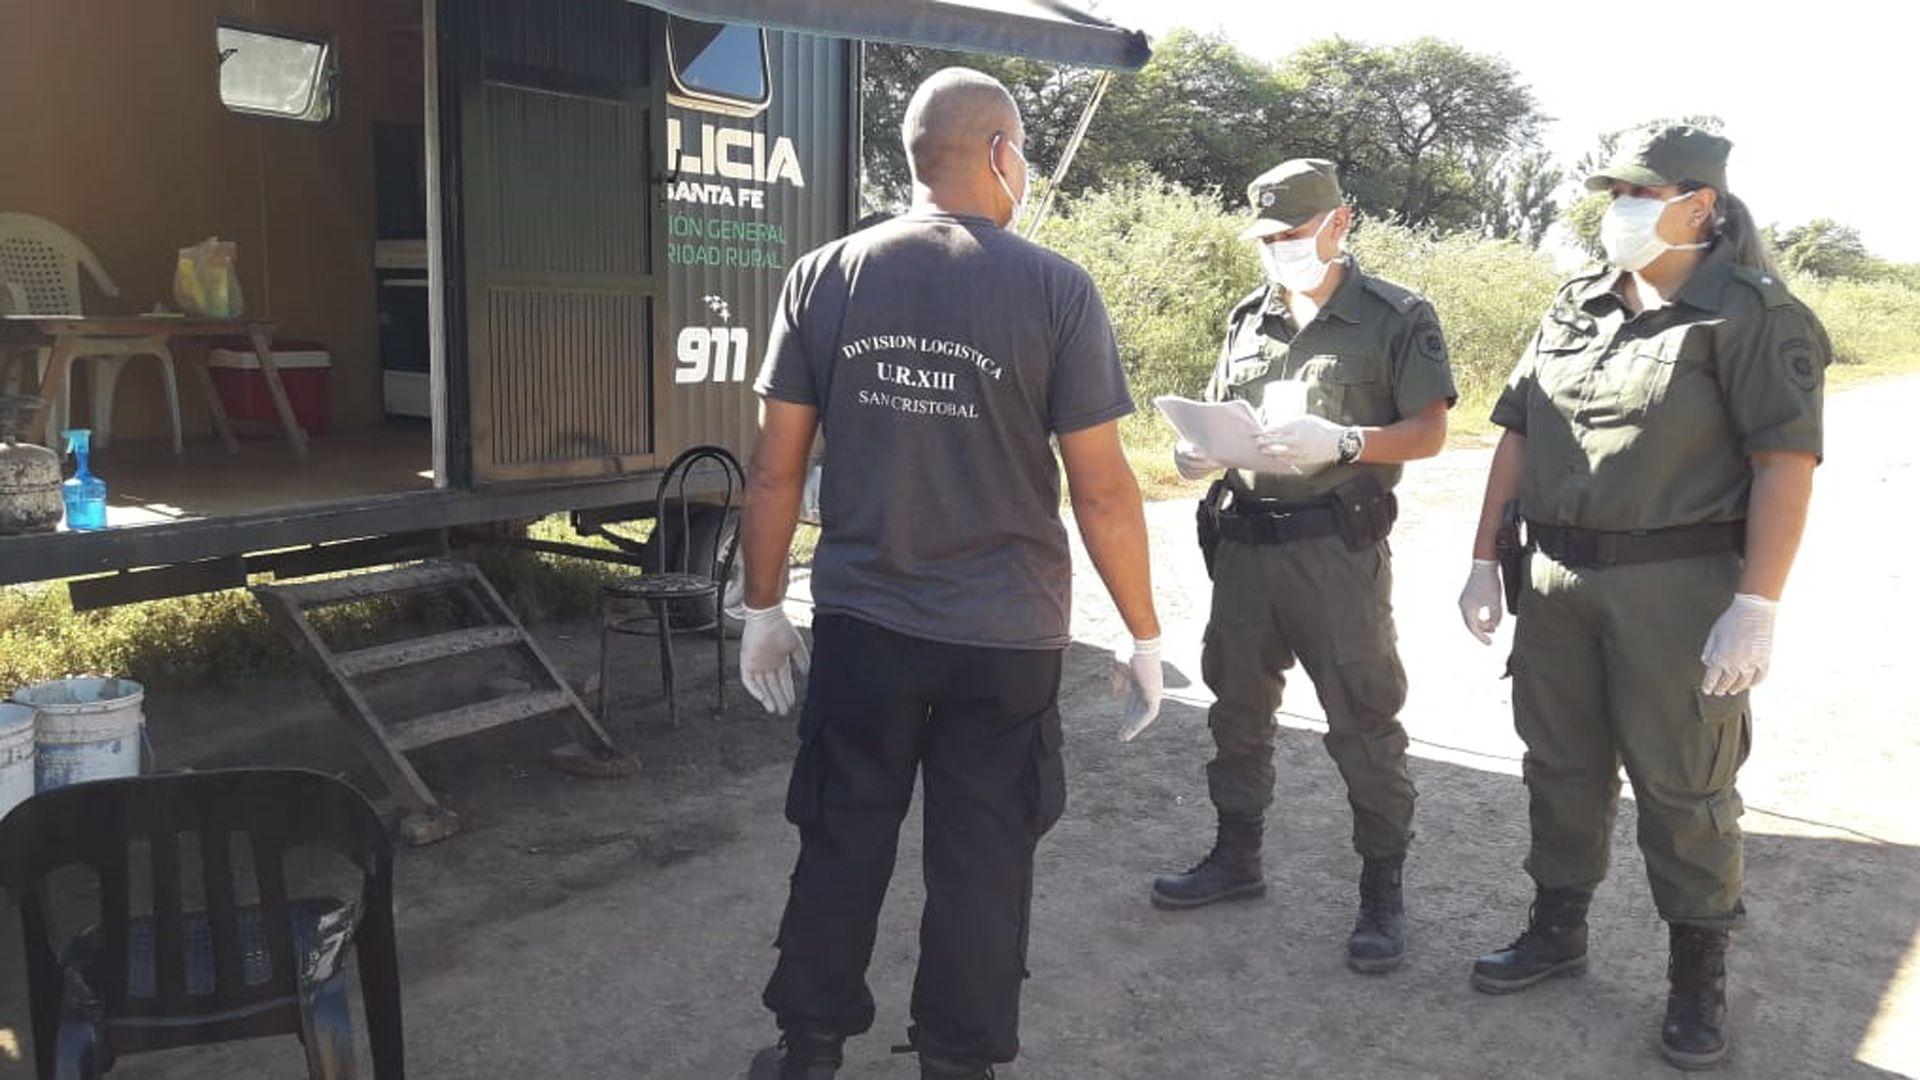 La Policía de Santa Fe intensificó los controles.